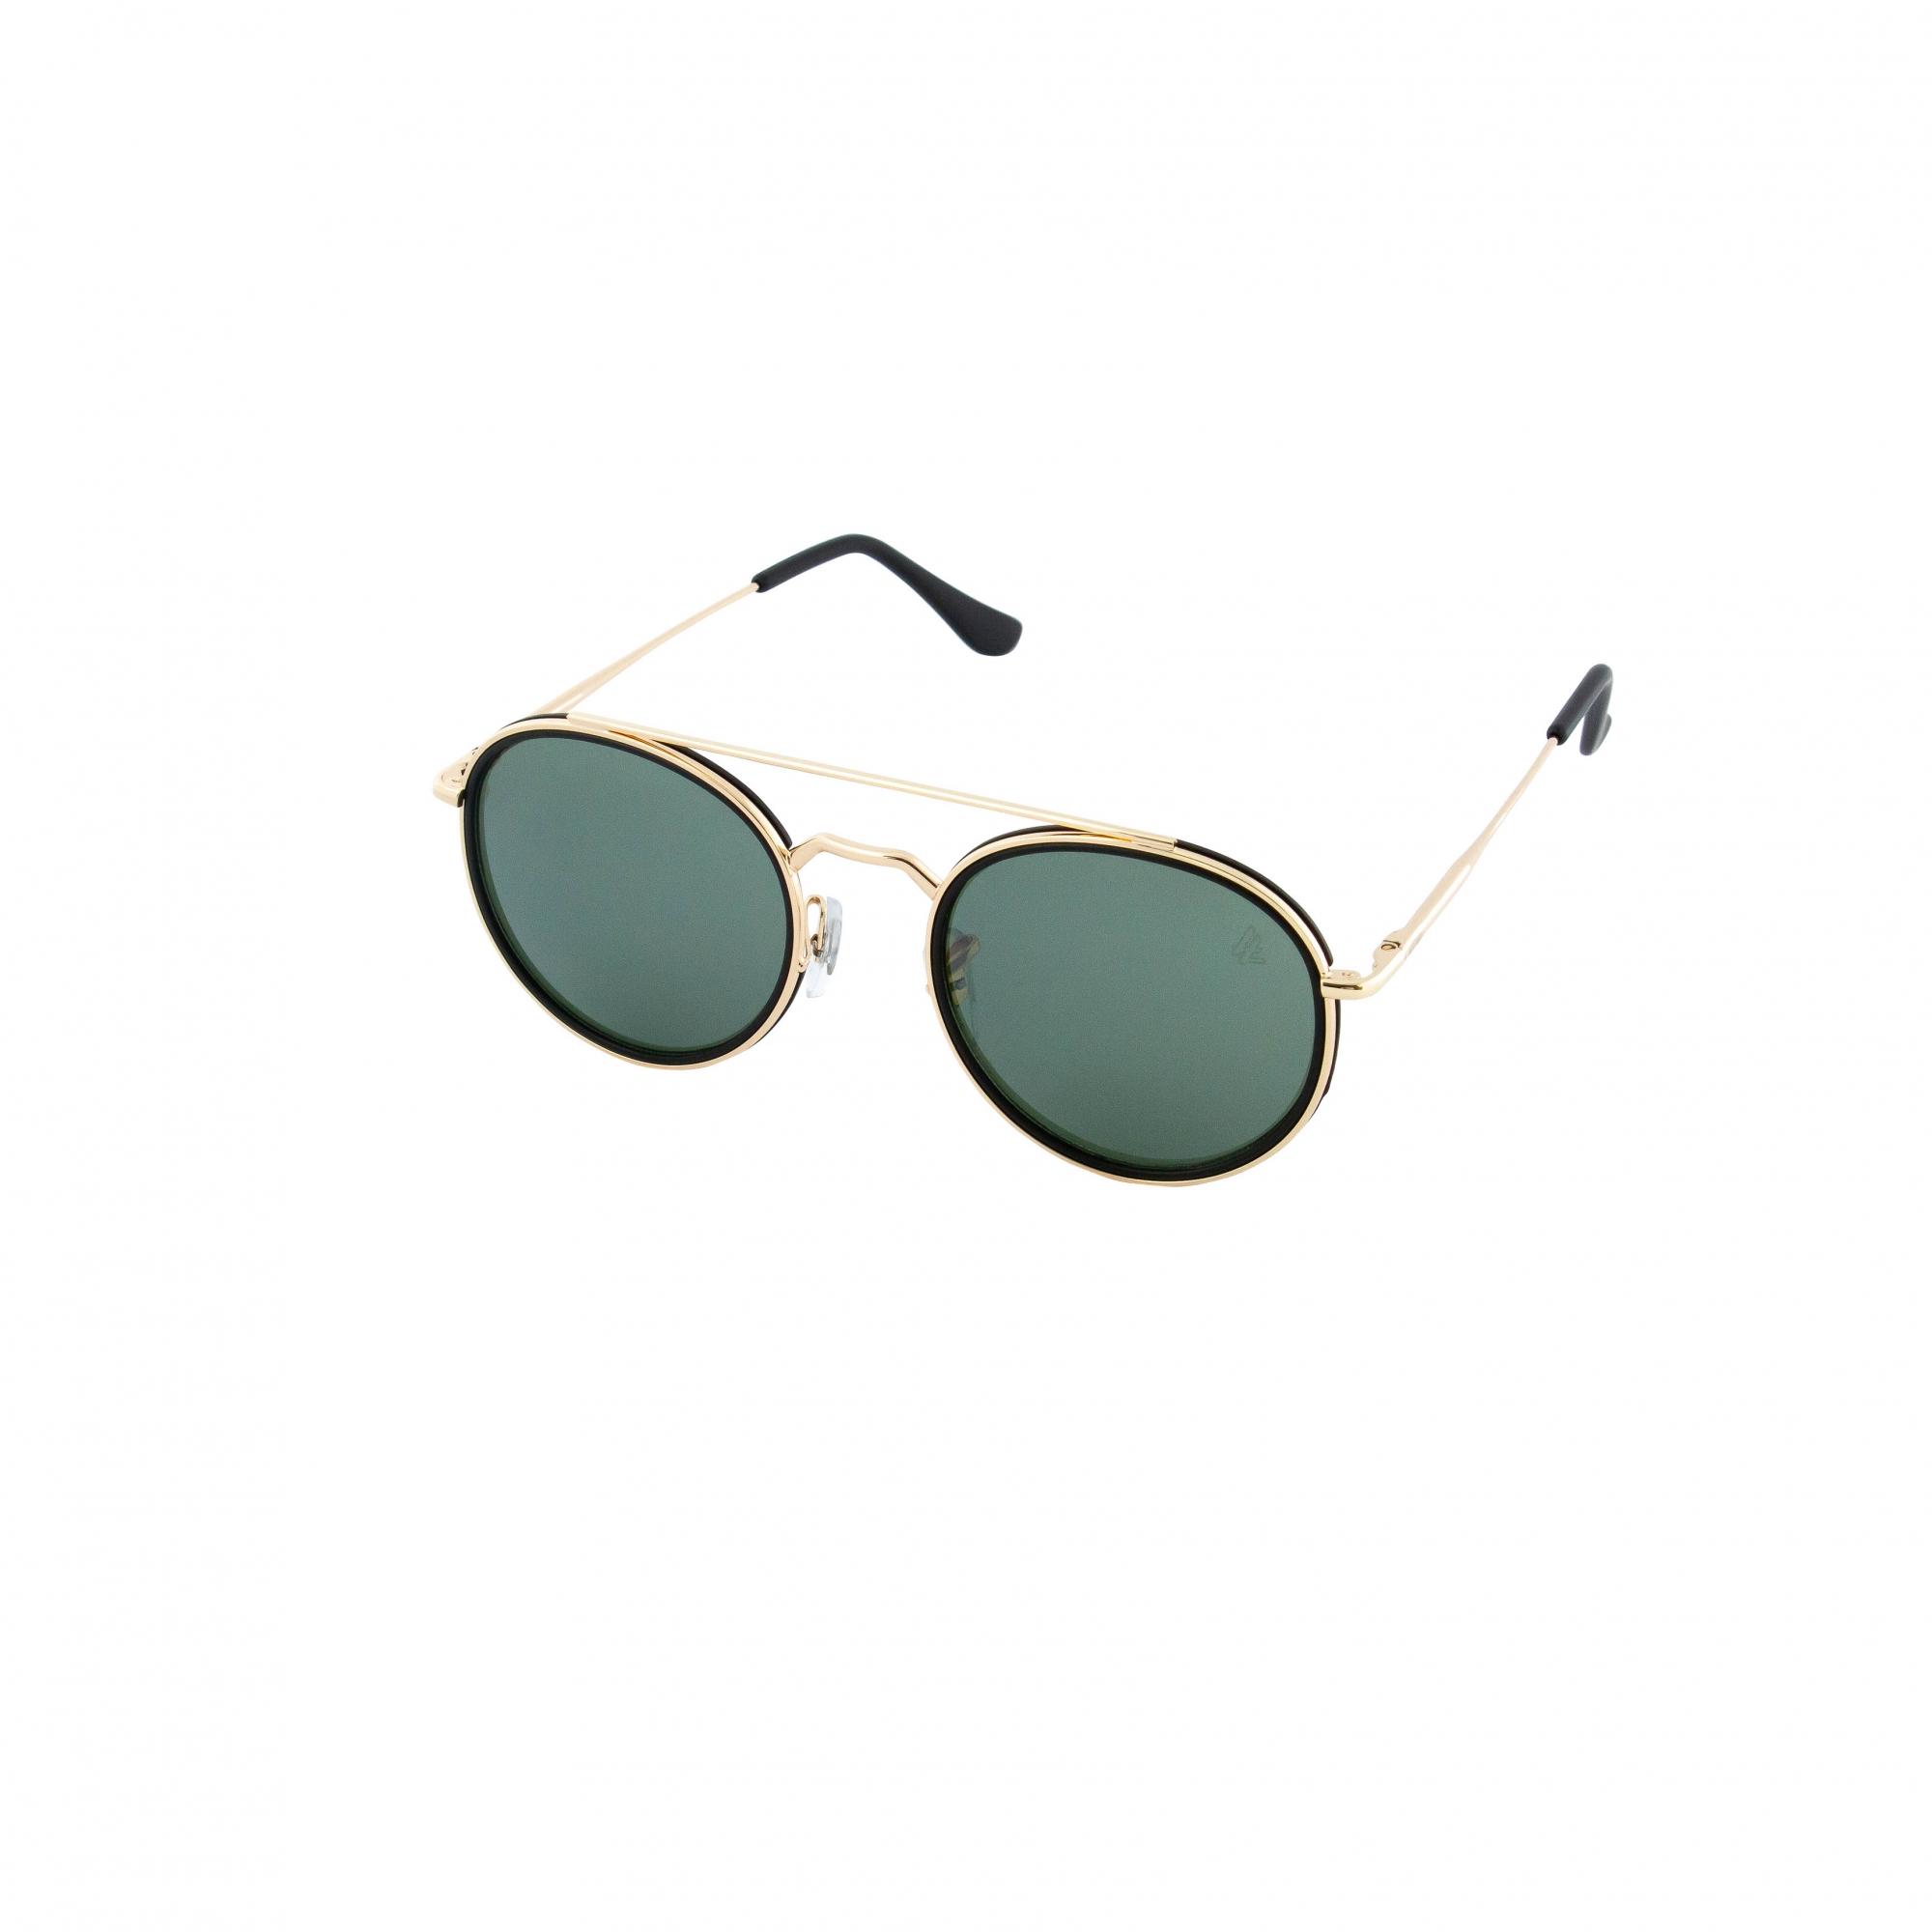 Óculos de Sol Hiend Double Bridge